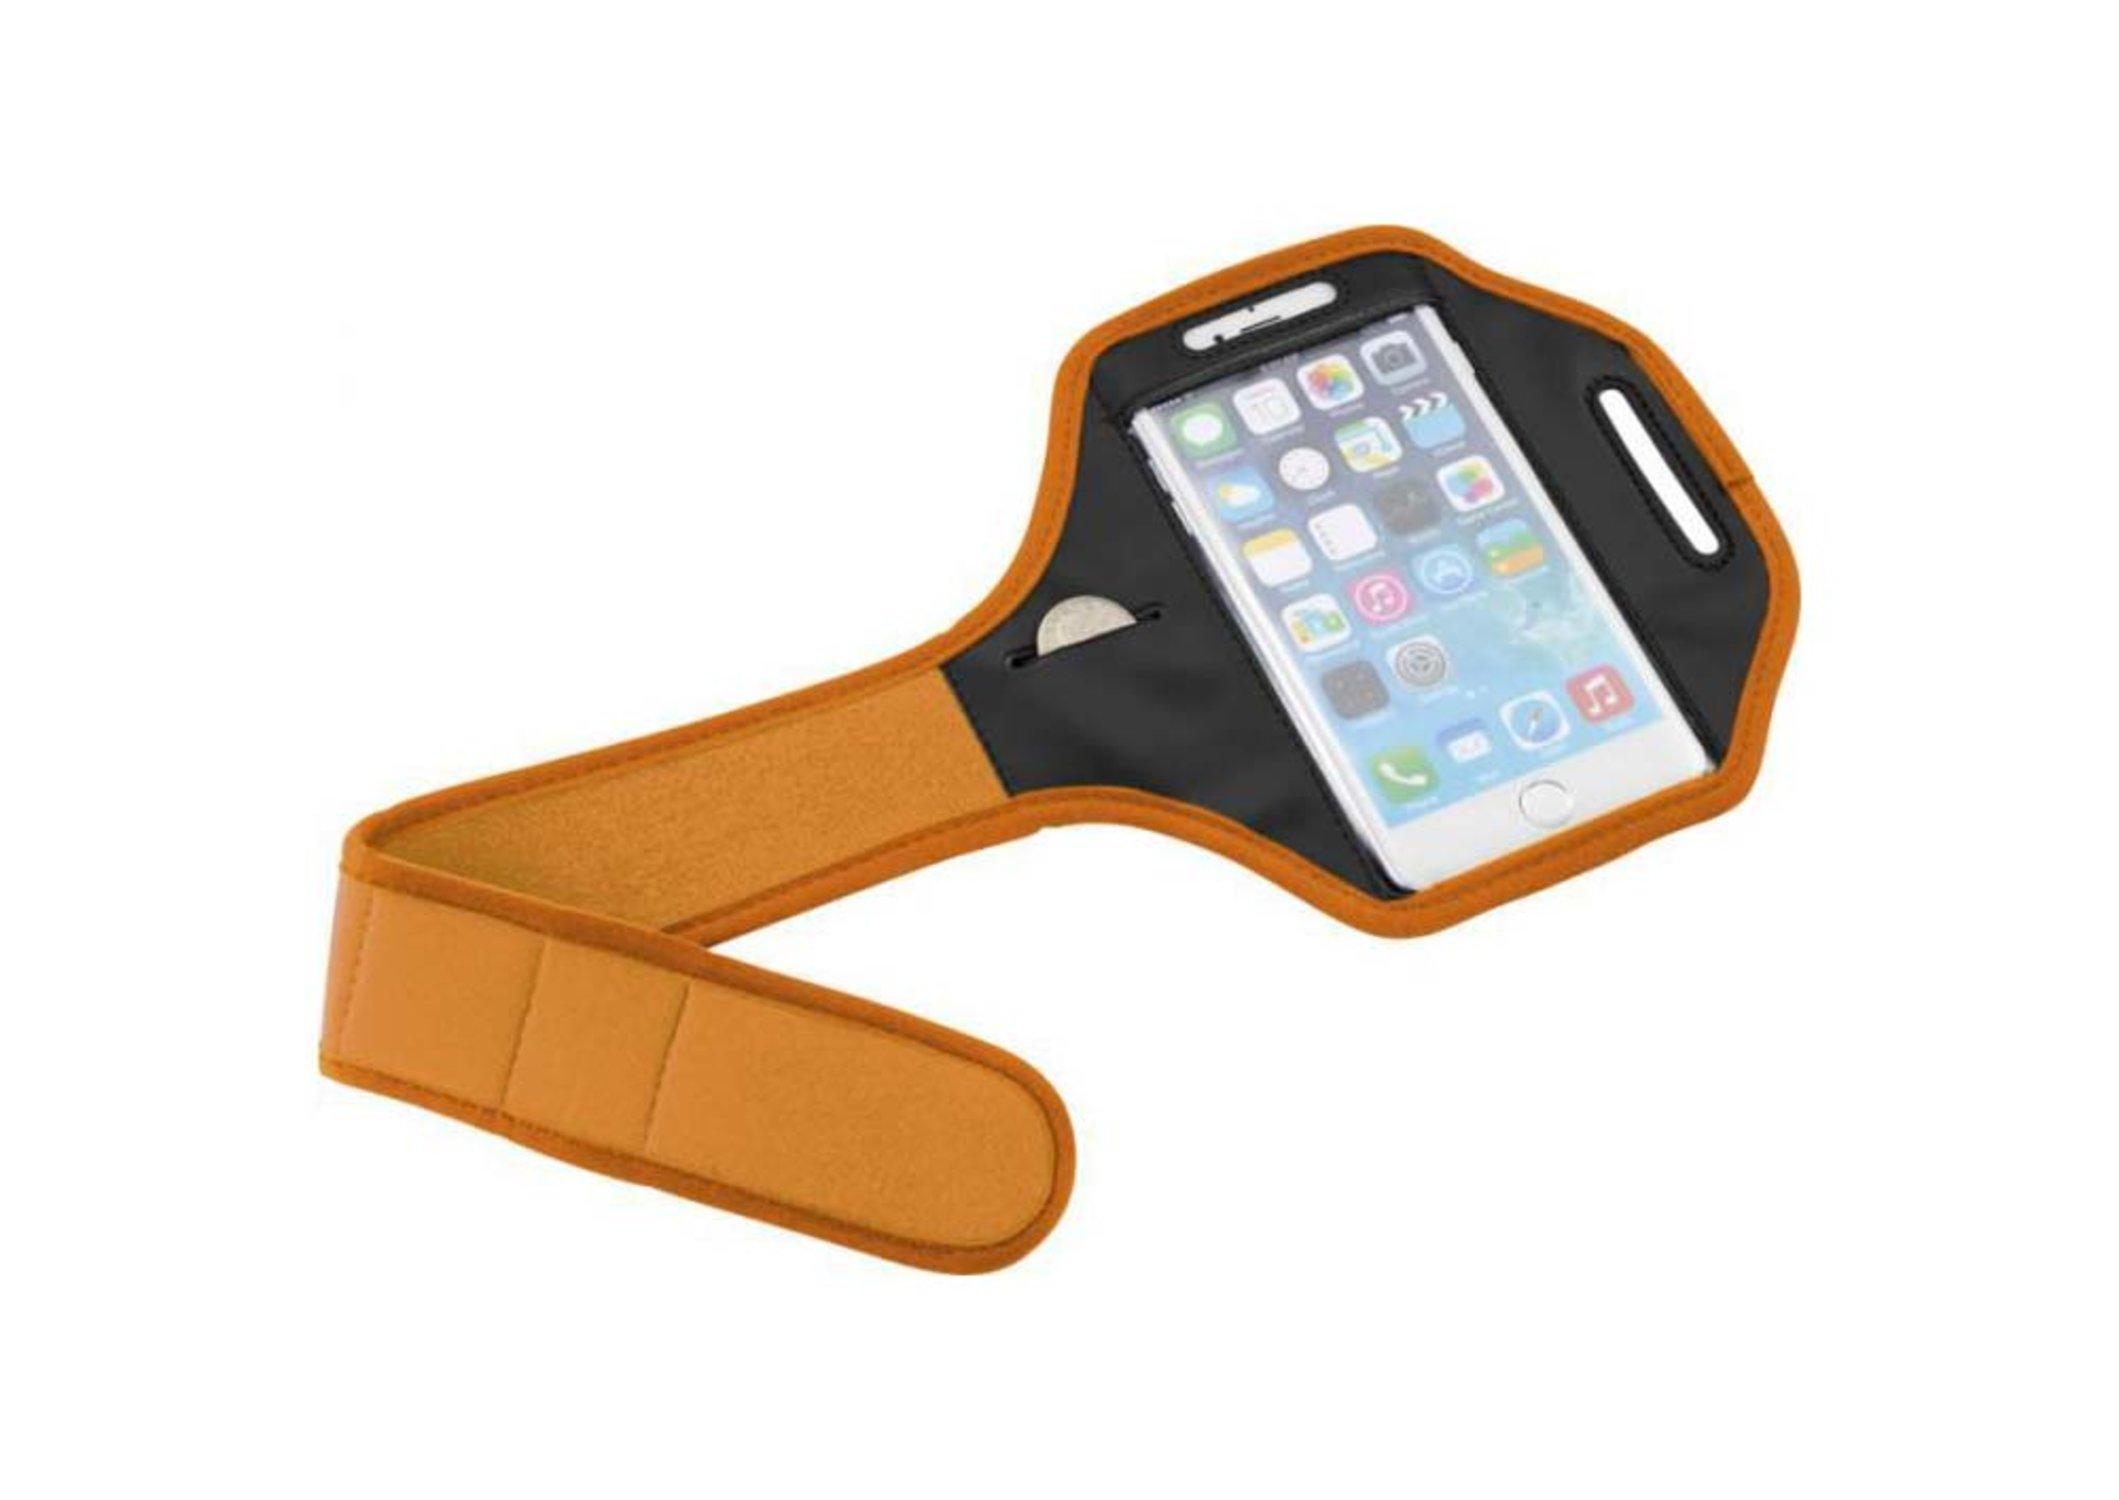 Sangle de bras pour smartphone à écran tactile